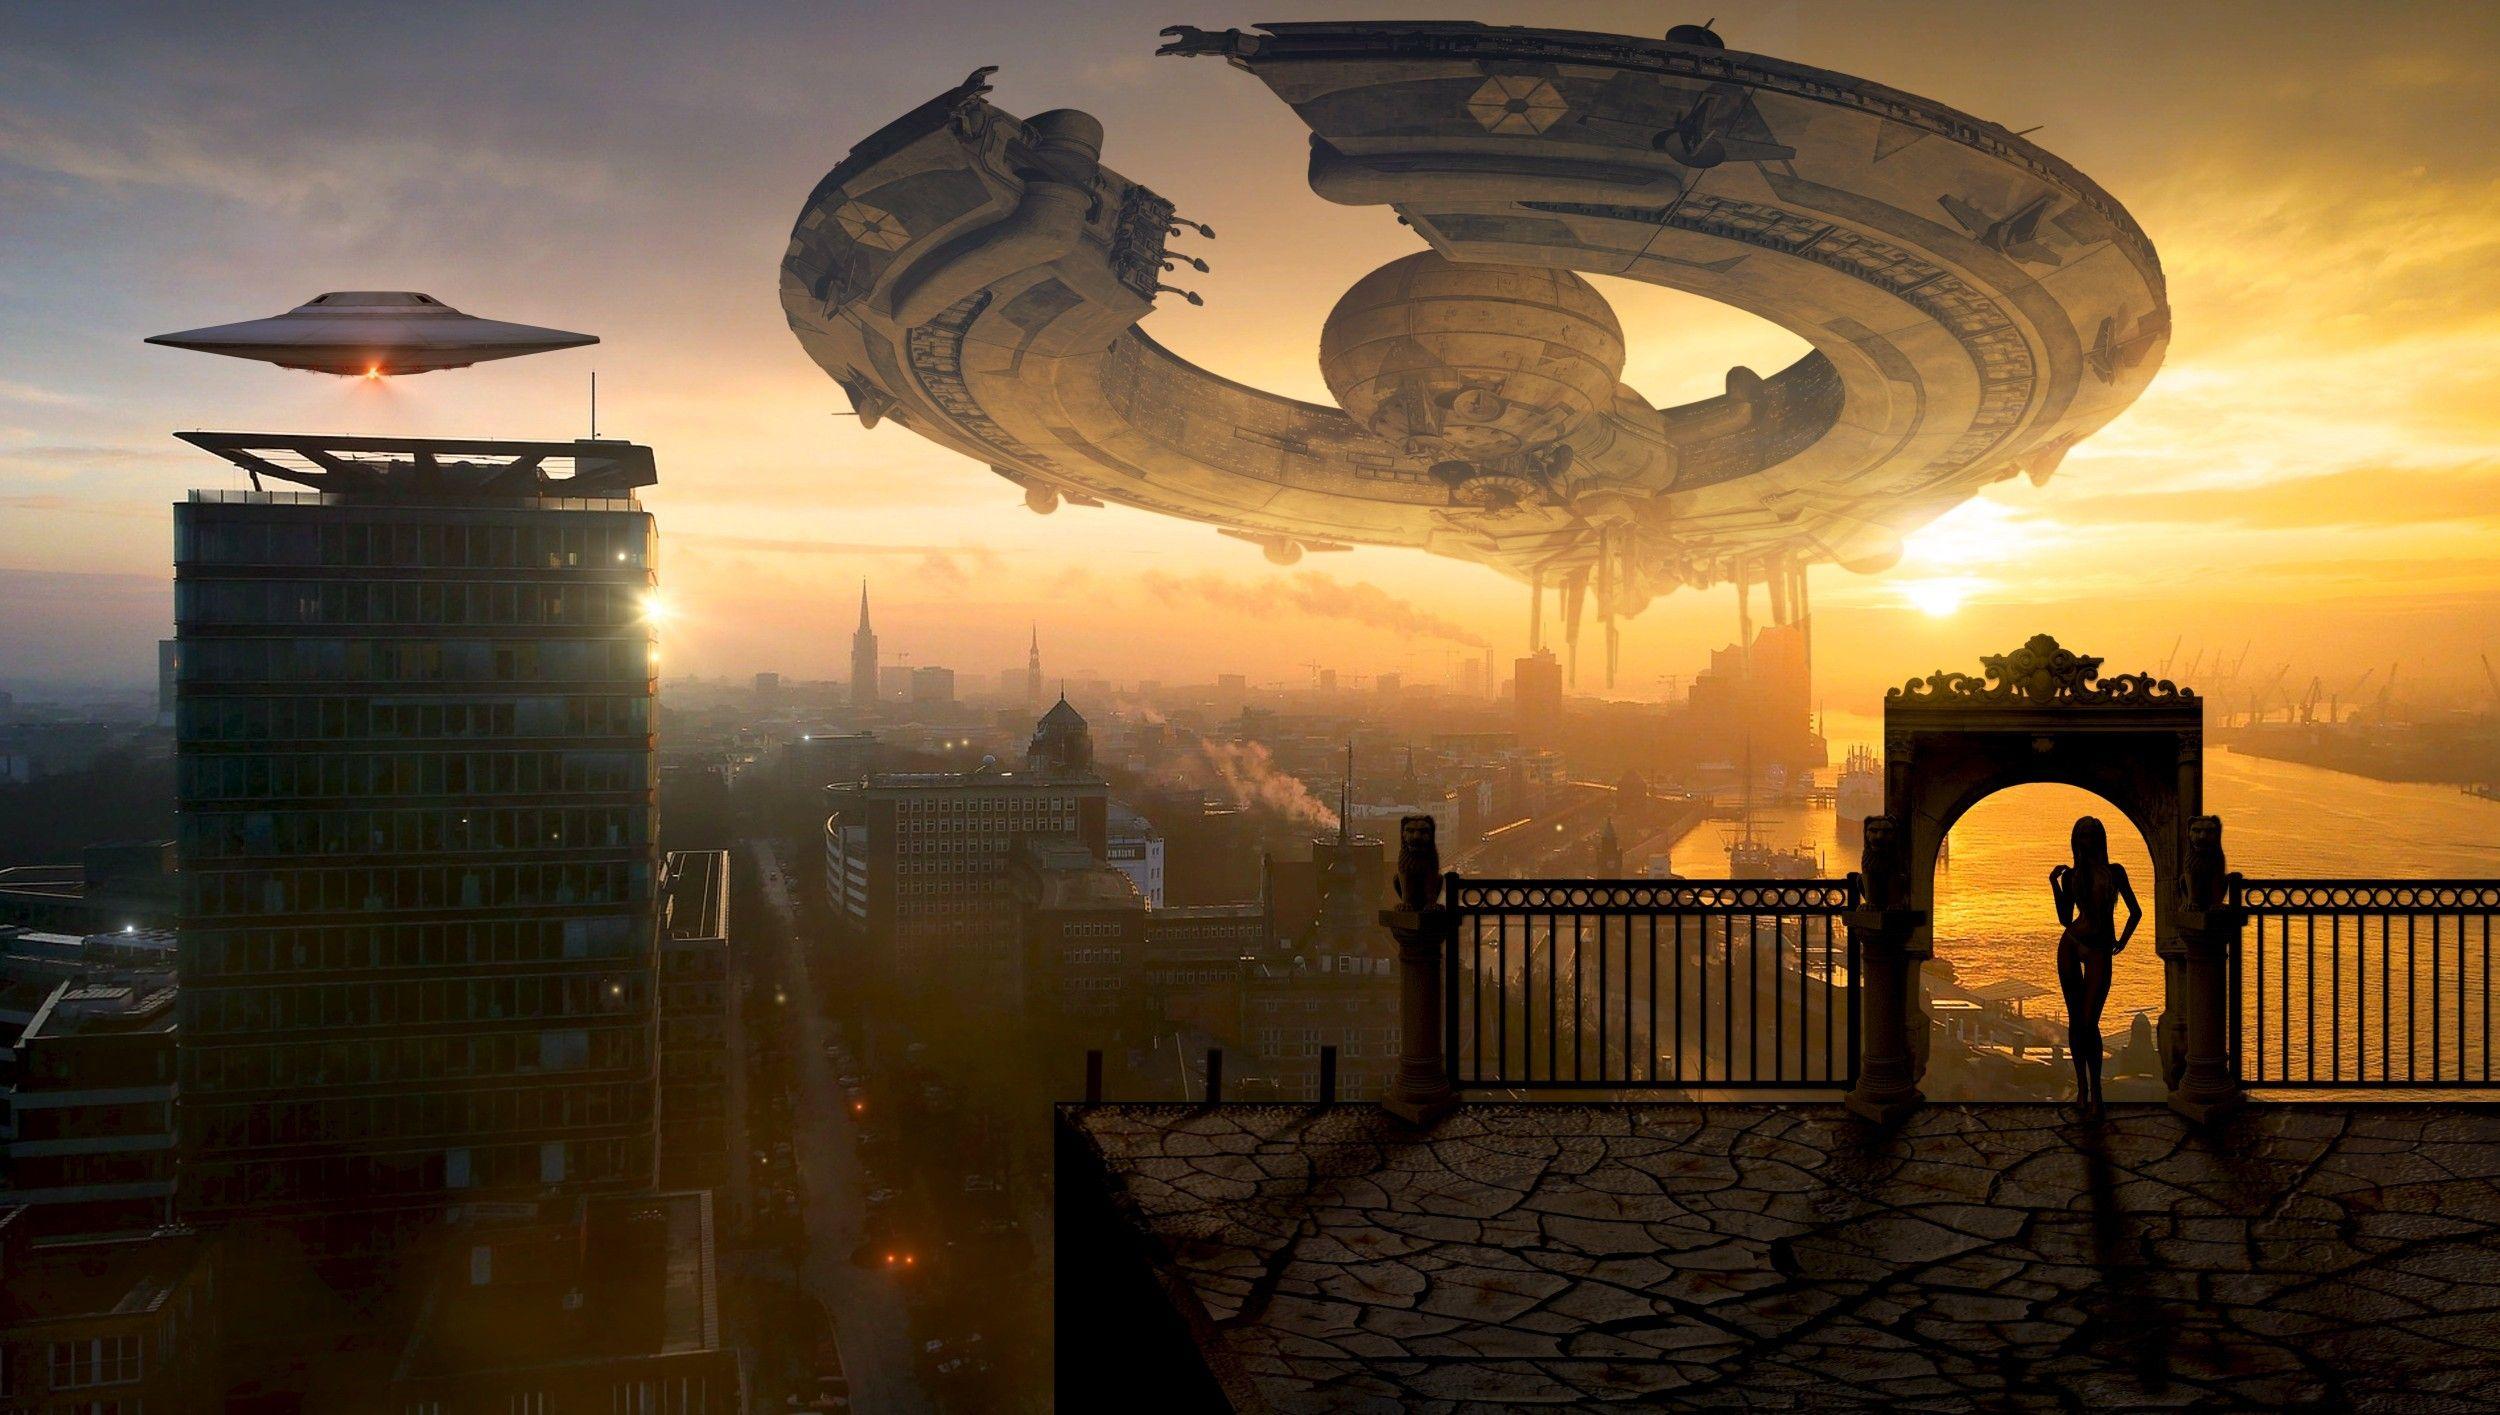 Người ngoài hành tinh và Mỹ bí mật hợp tác xây dựng căn cứ trên sao Hỏa?